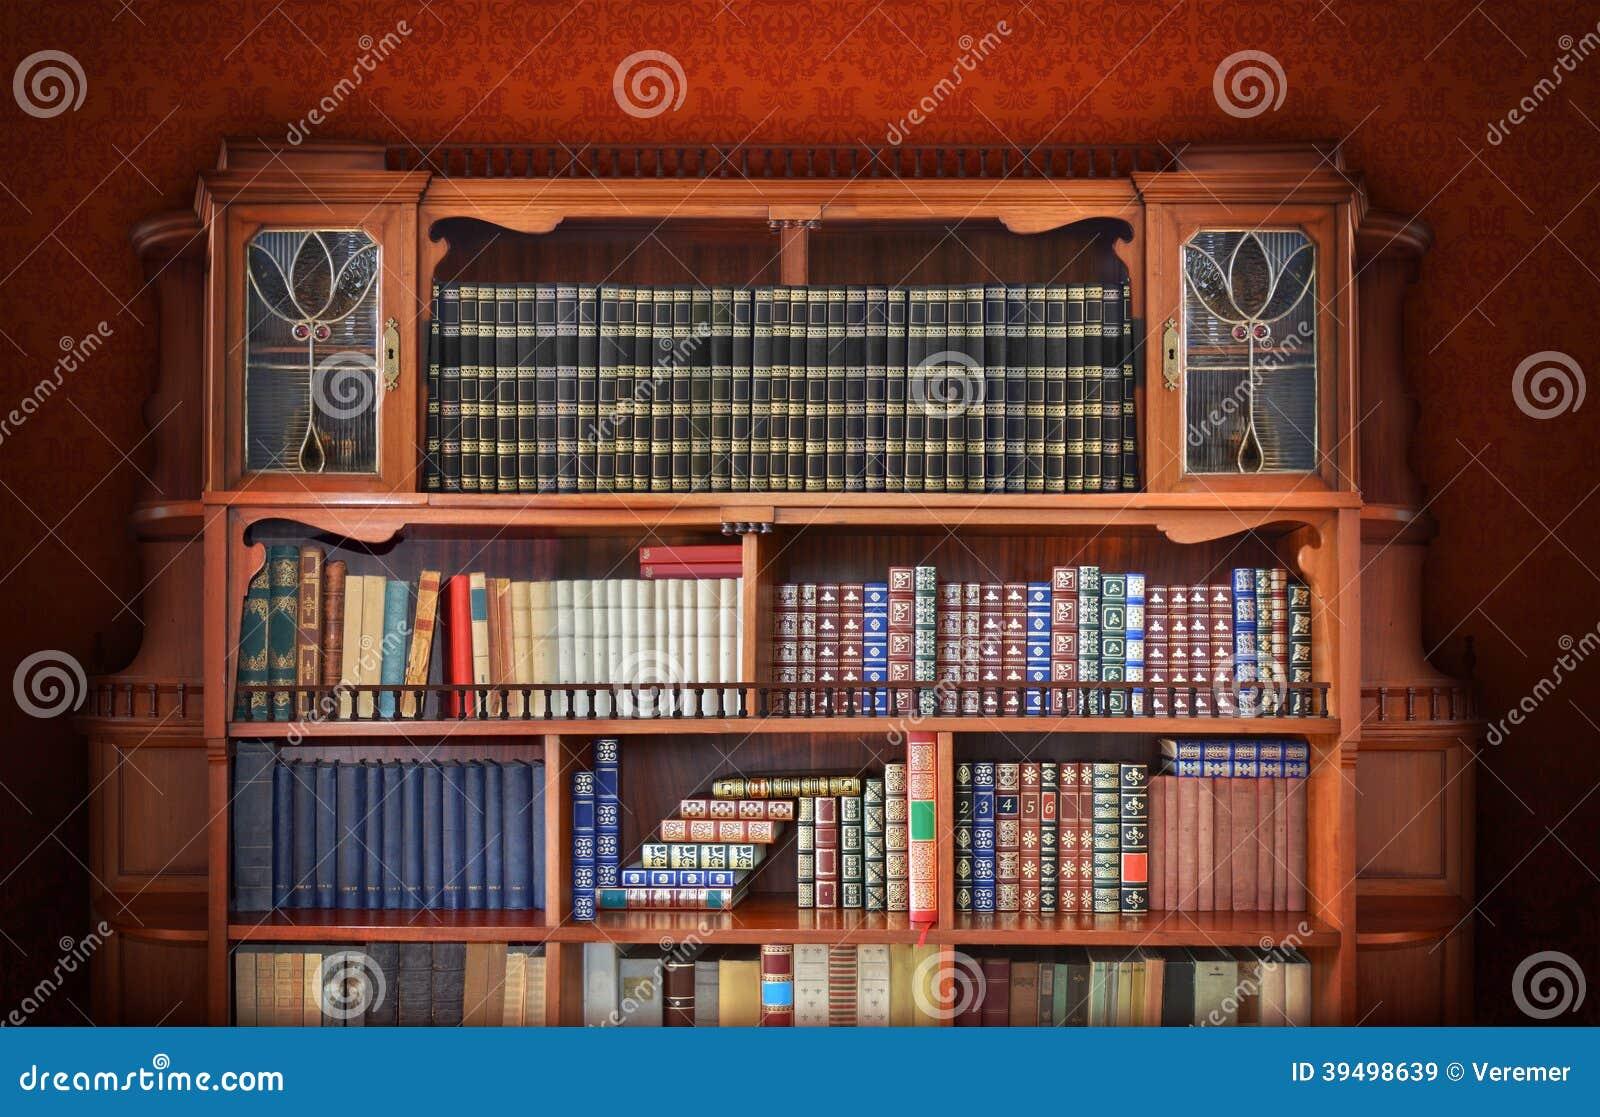 Super Bibliothèque Classique. Meubles Antiques Photo stock - Image: 39498639 QJ49